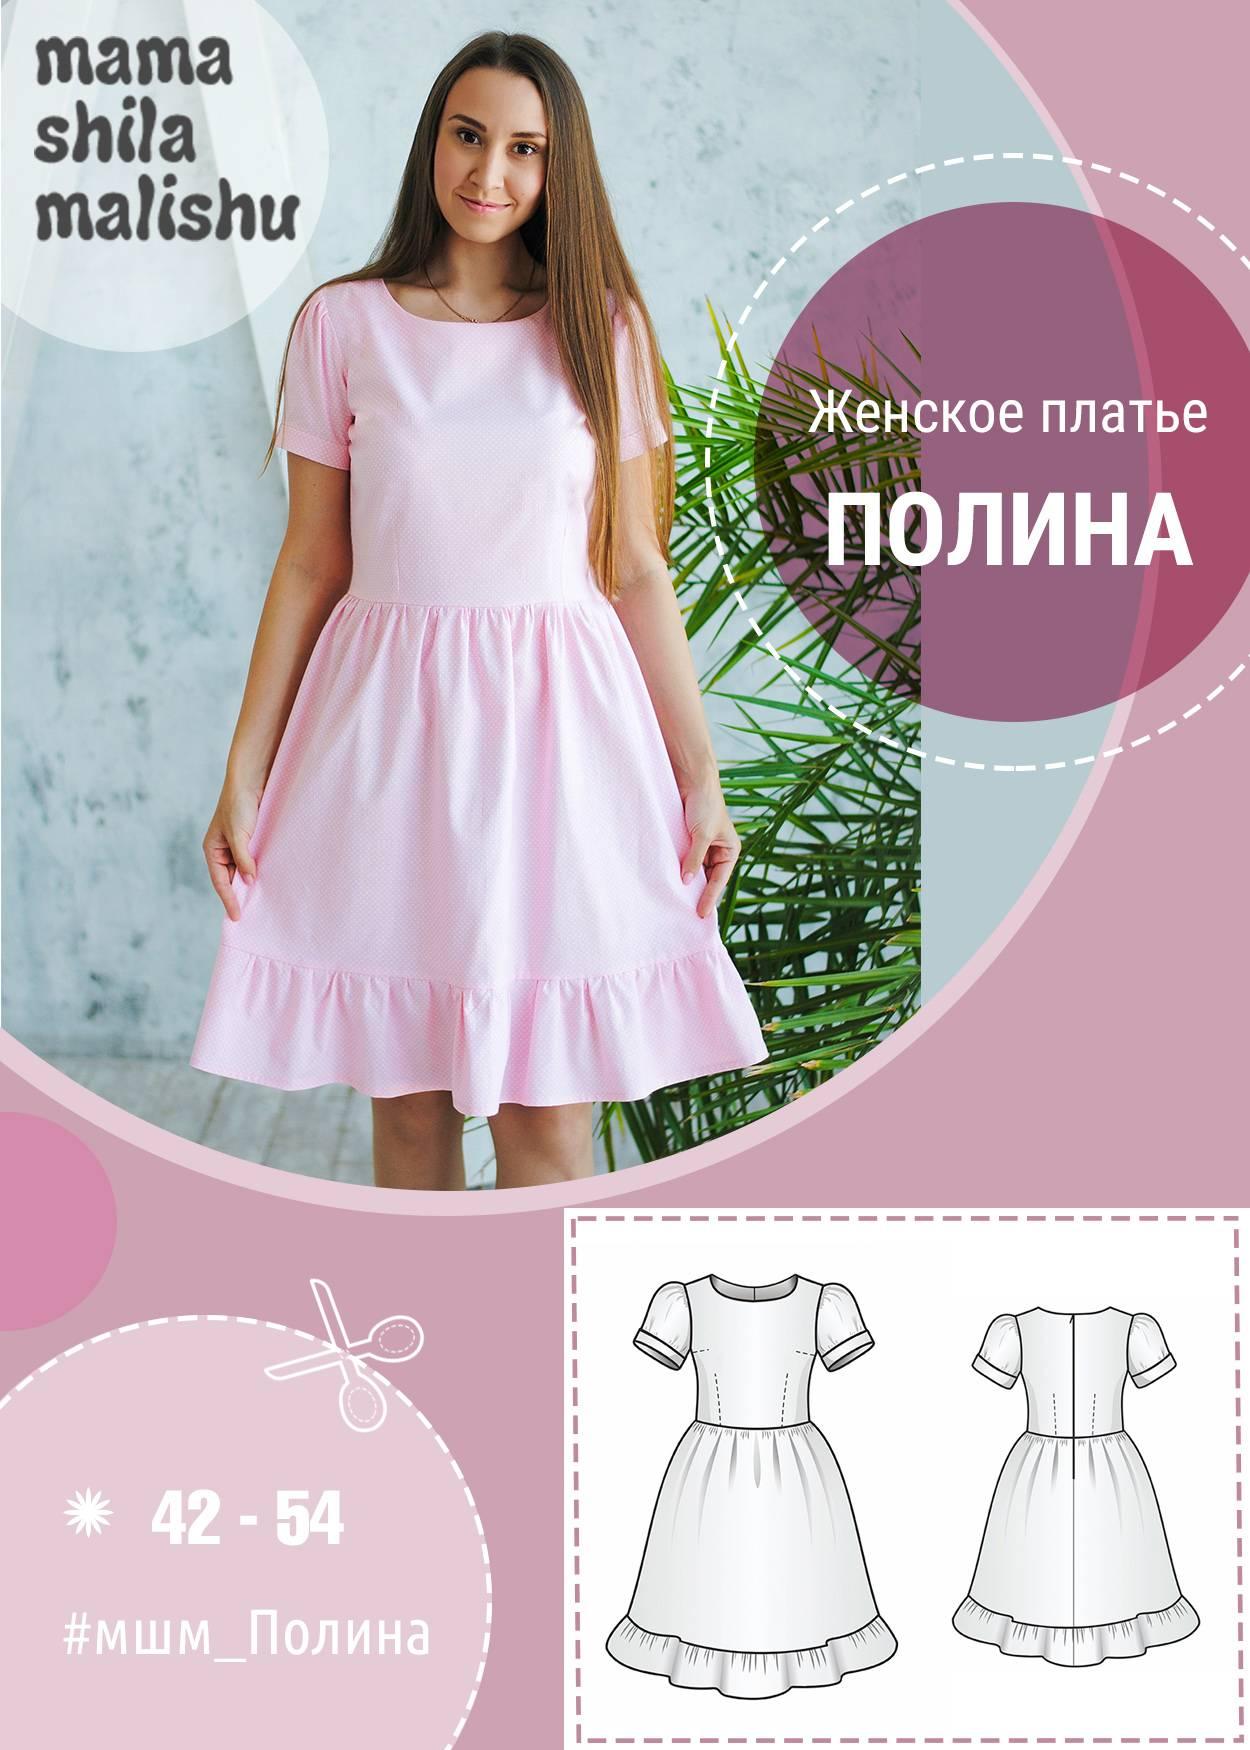 """Женское платье """"Полина"""""""